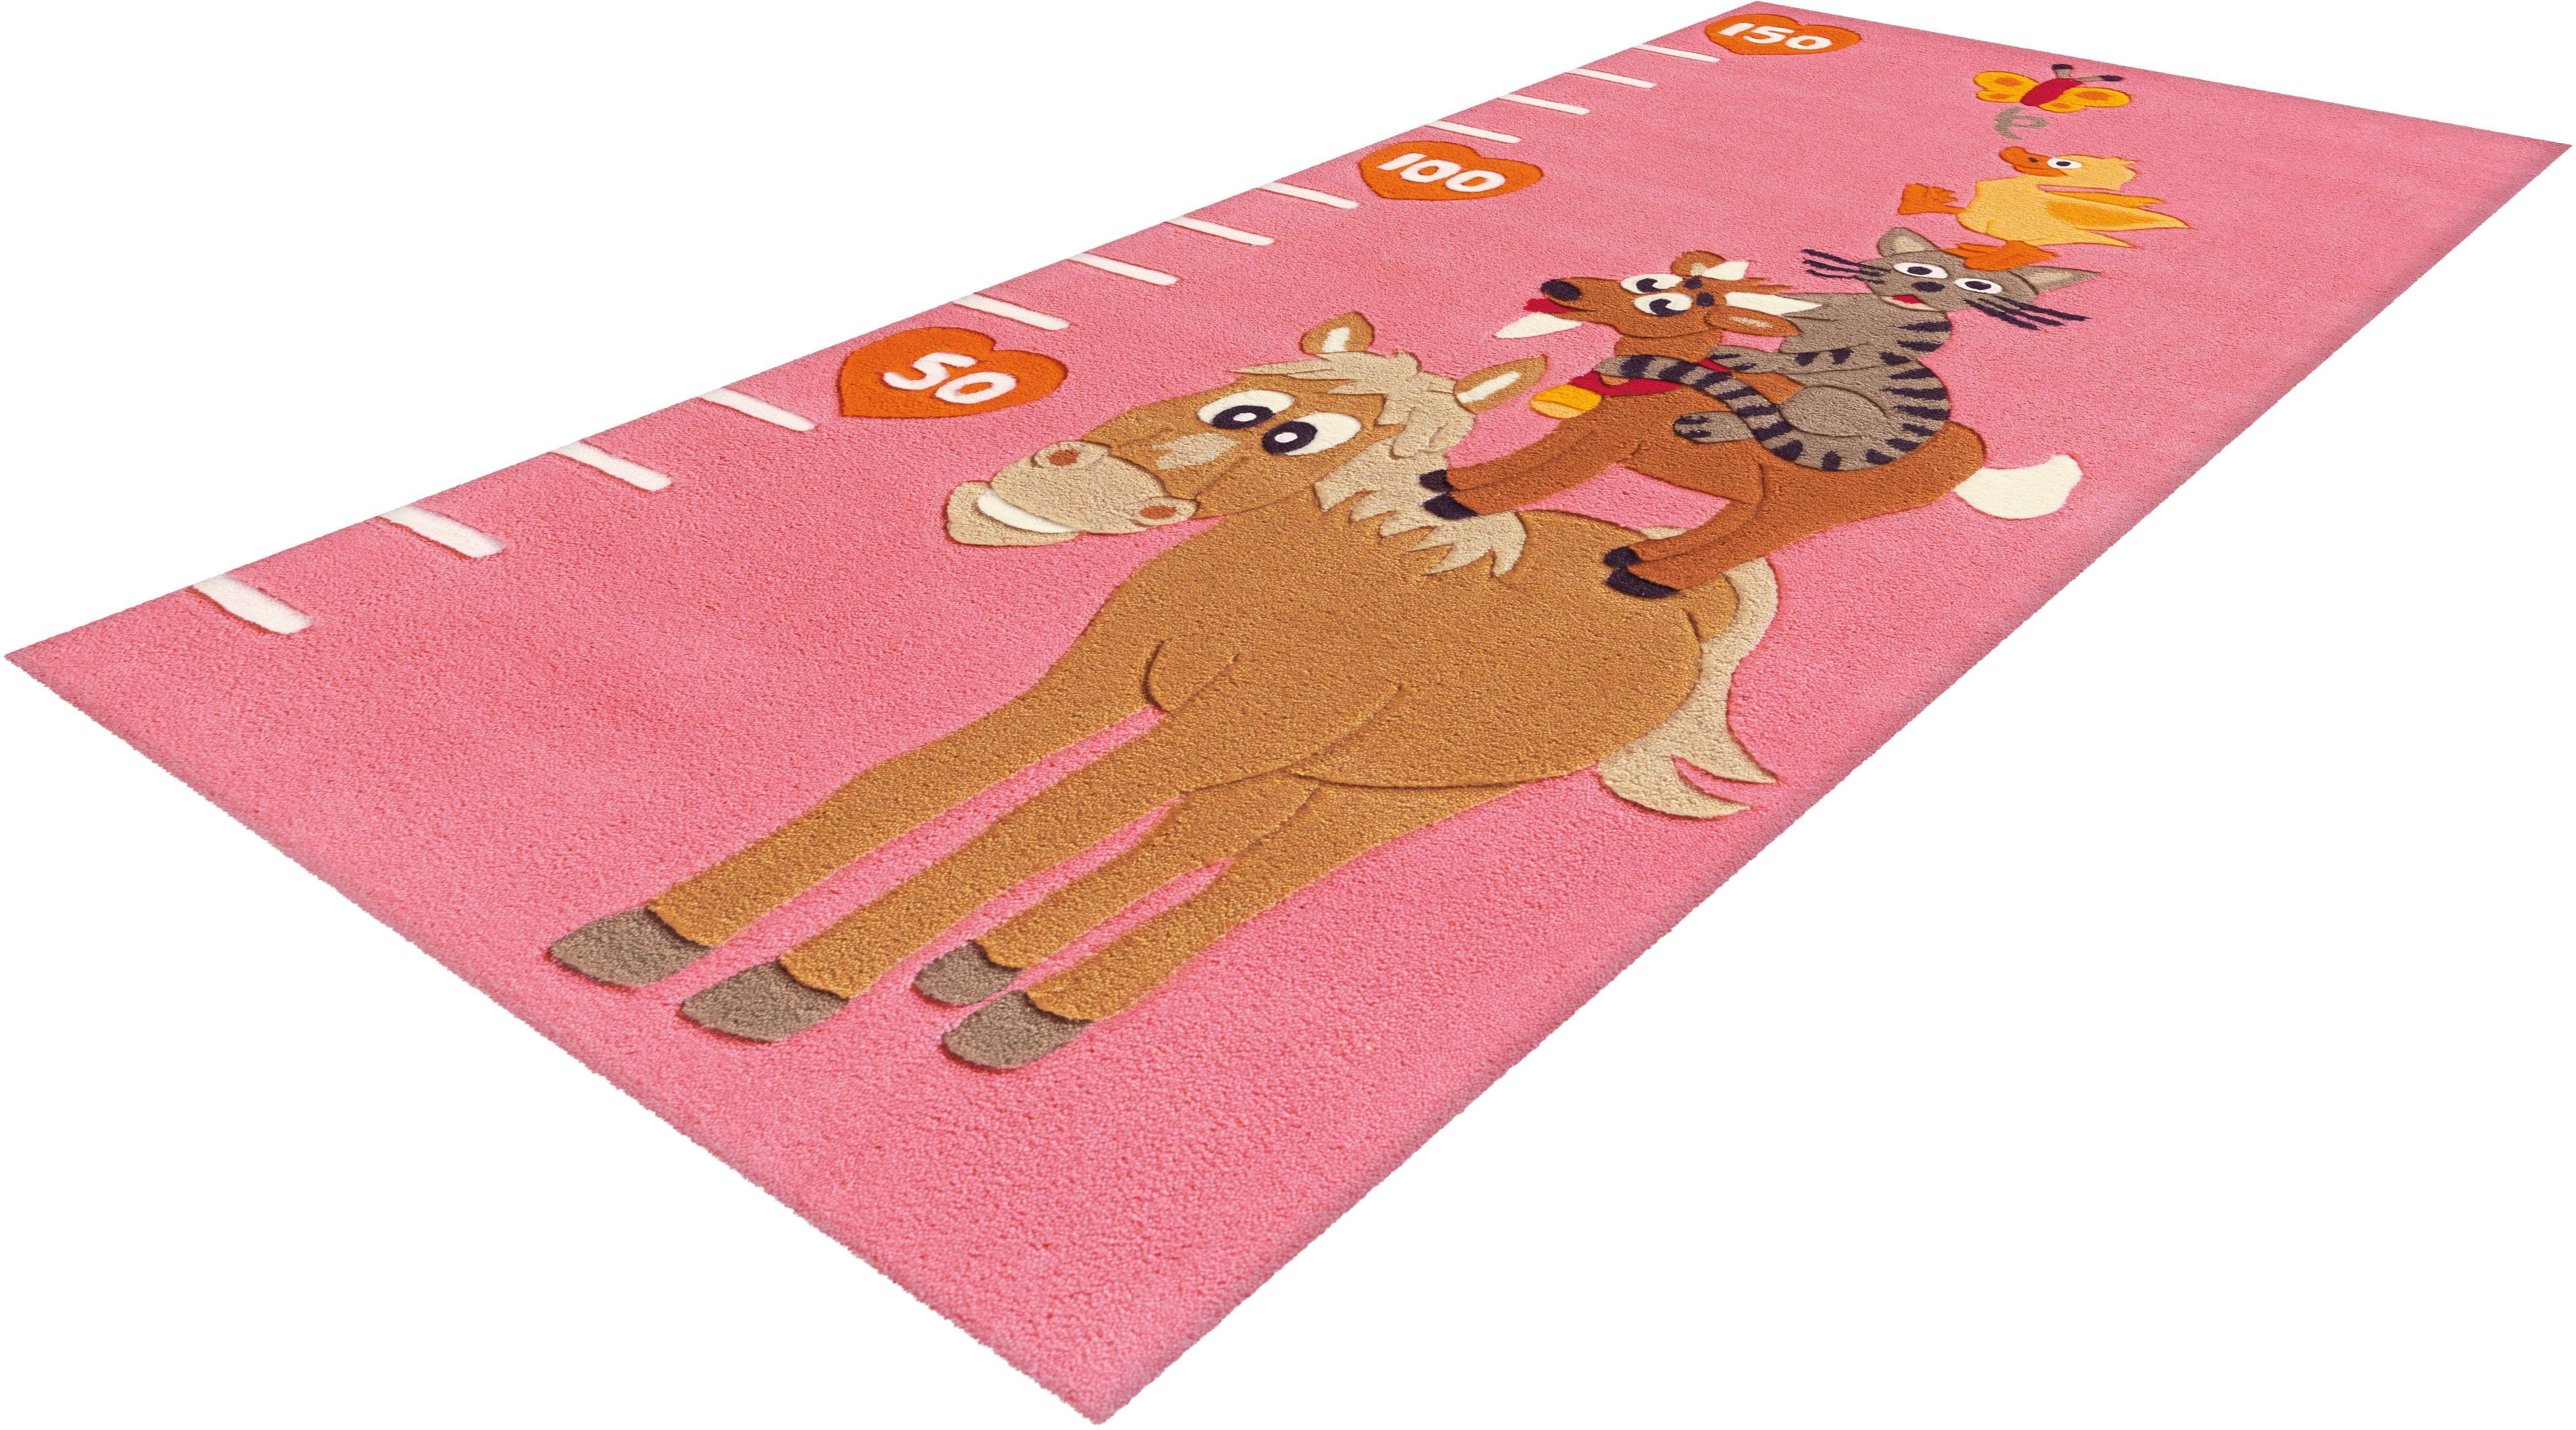 Vloerkleed Kinderkamer Roze : Vloerkleed voor de kinderkamer joy « arte espina